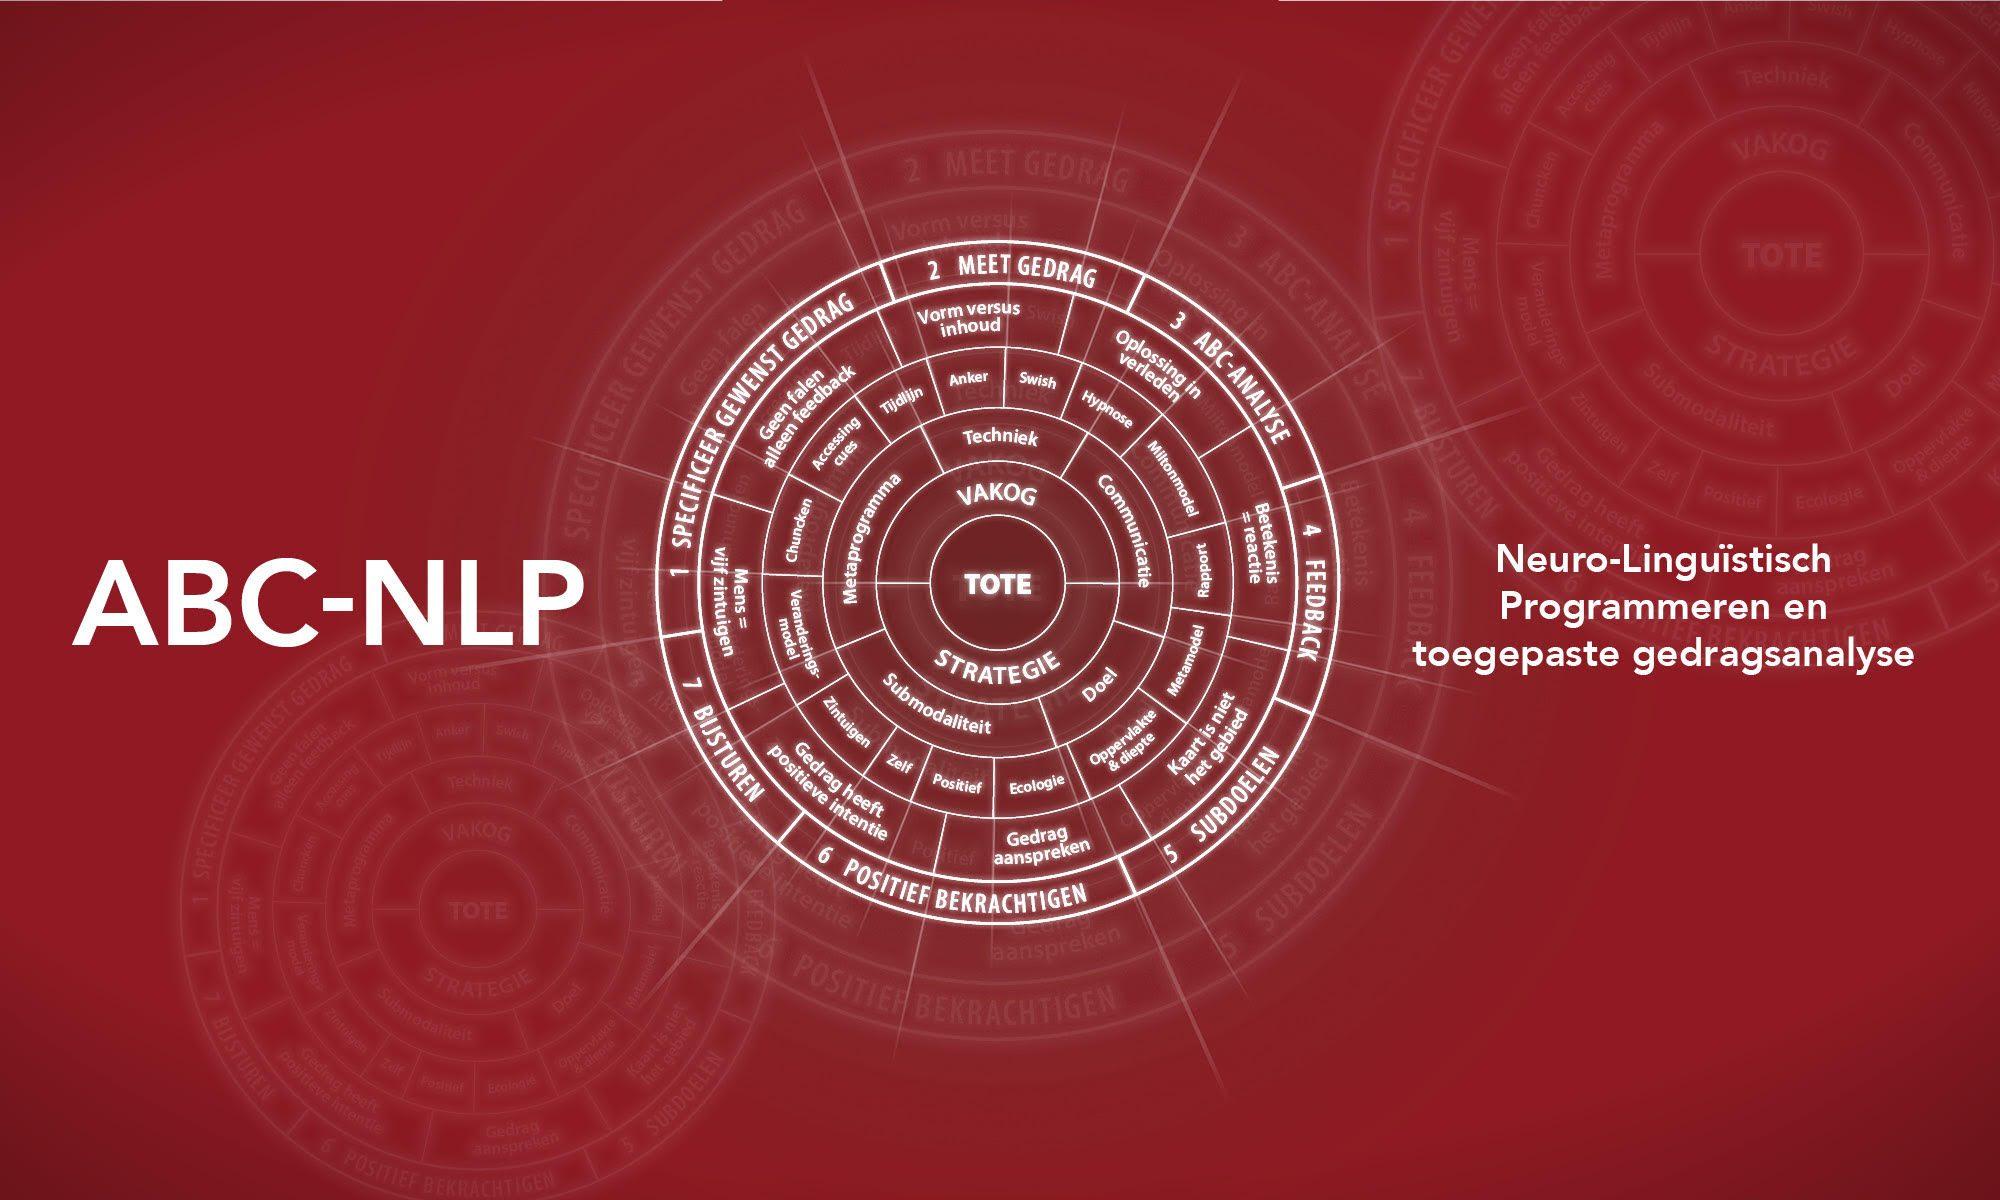 ABC-NLP